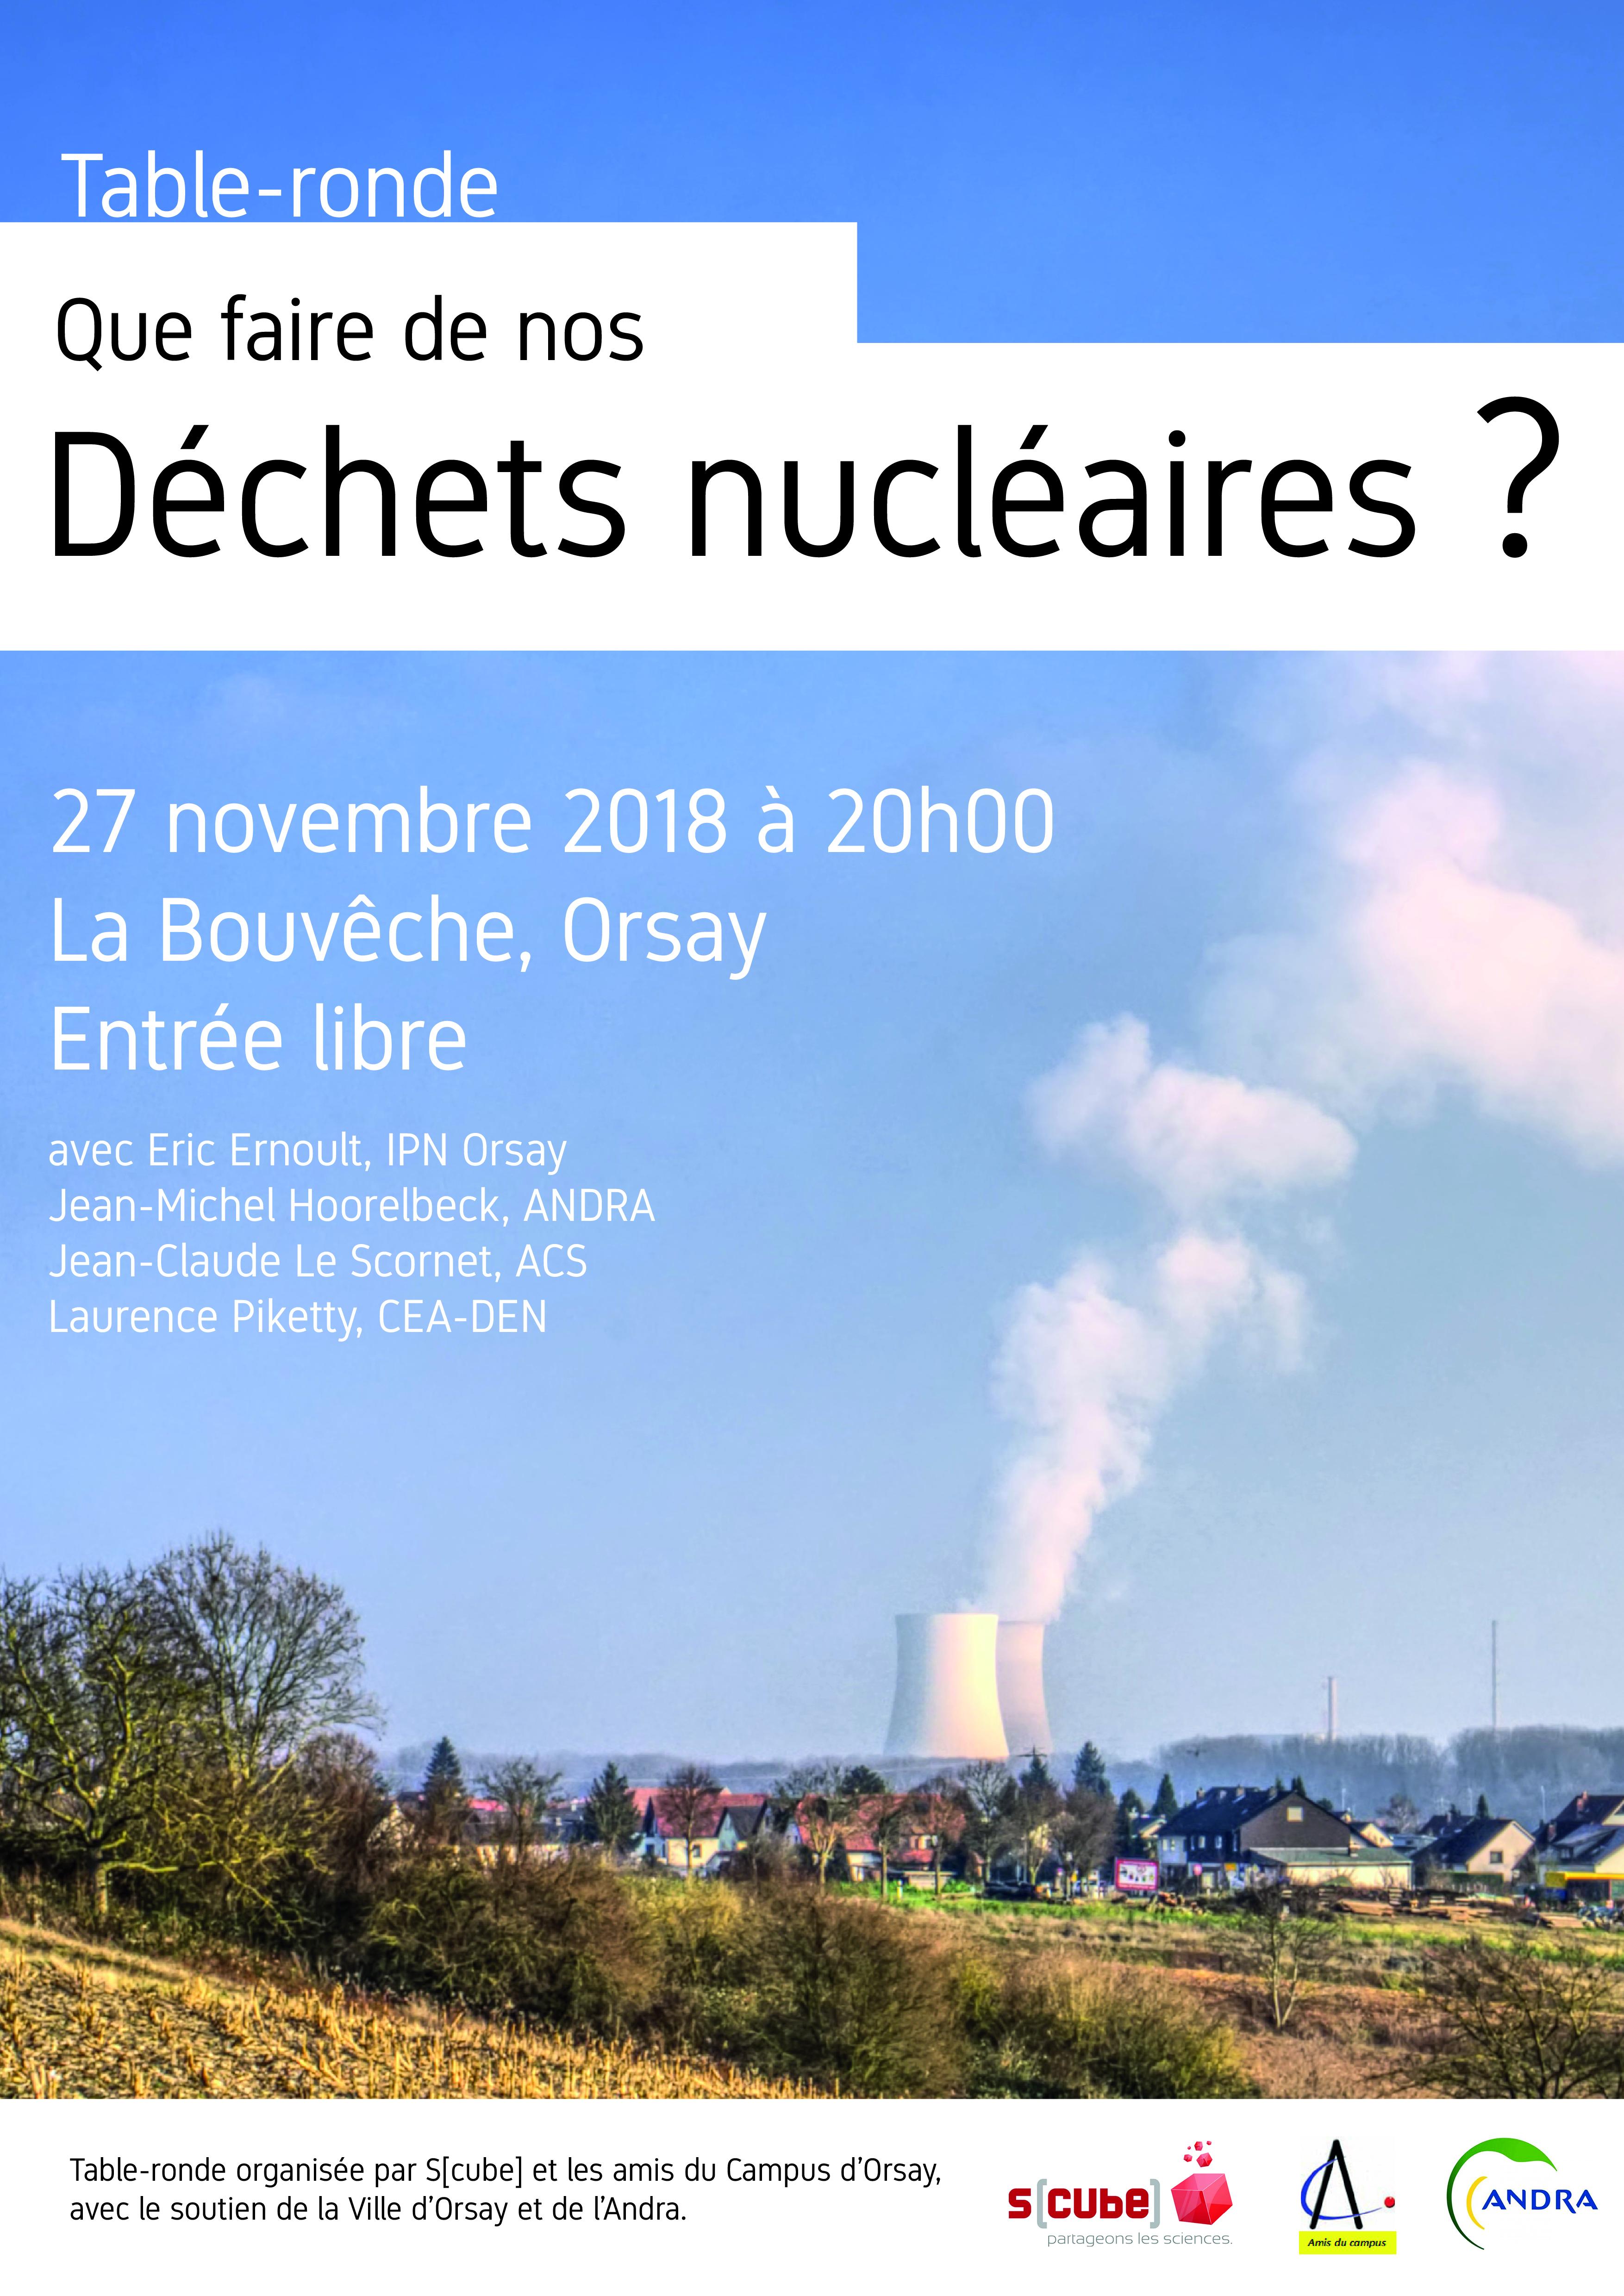 Affiche Table-ronde Déchets nucléaires ORsay